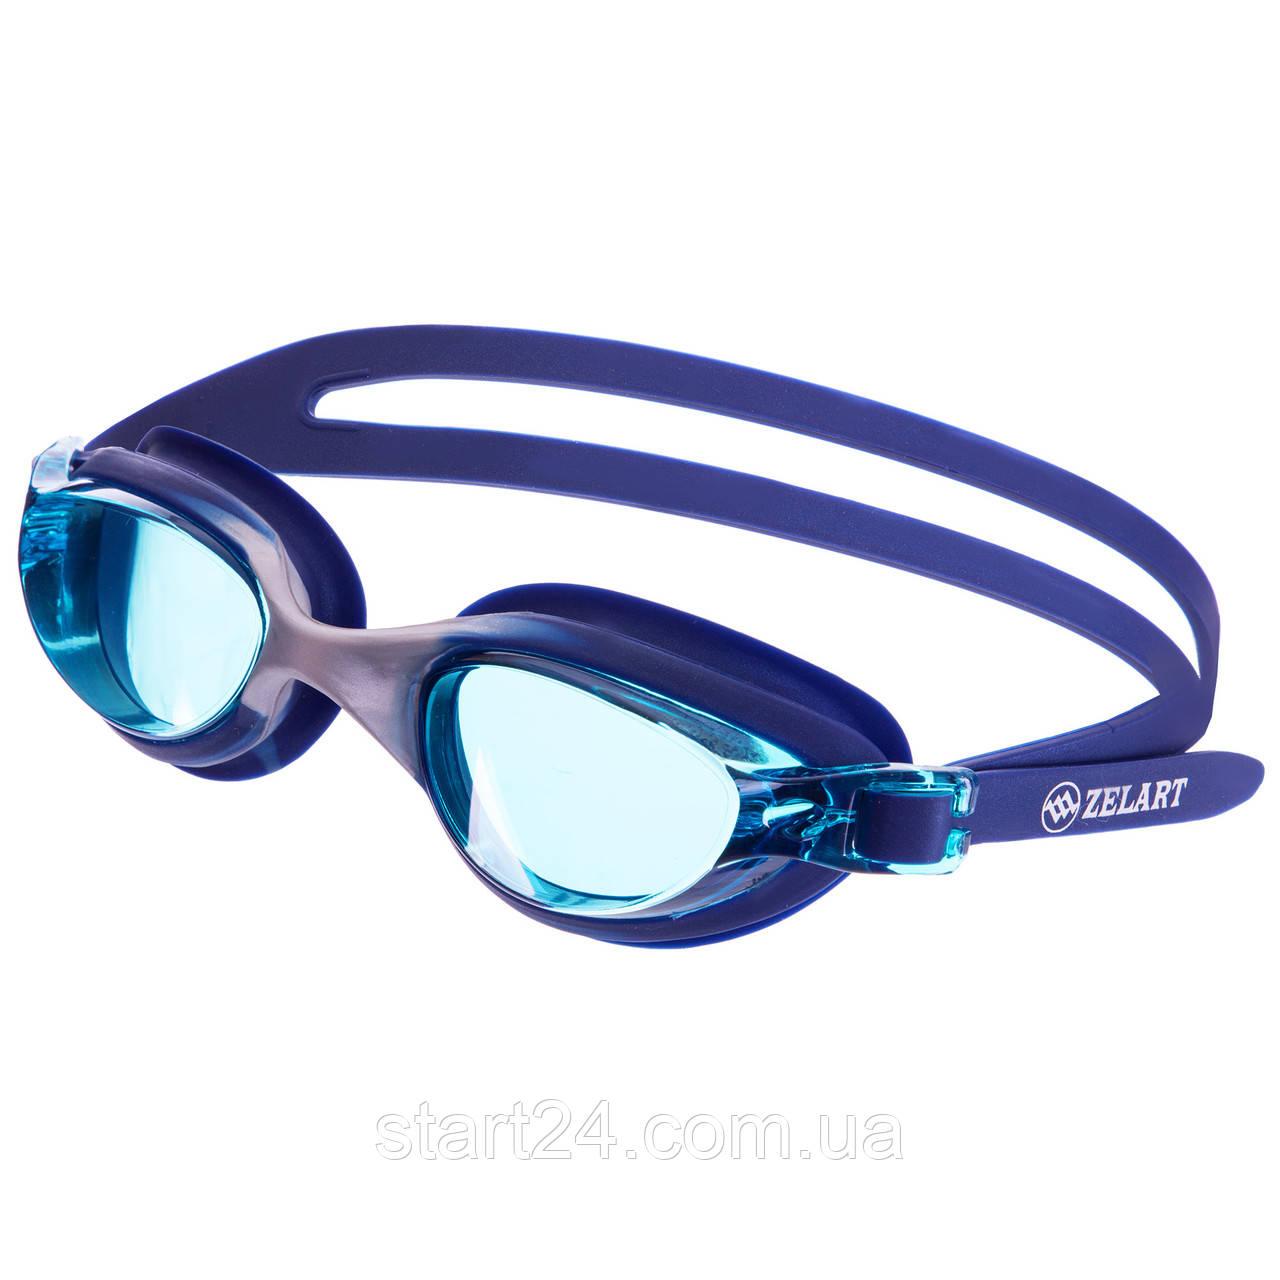 Очки для плавания GA1143 (поликарбонат, силикон, цвета в ассортименте)